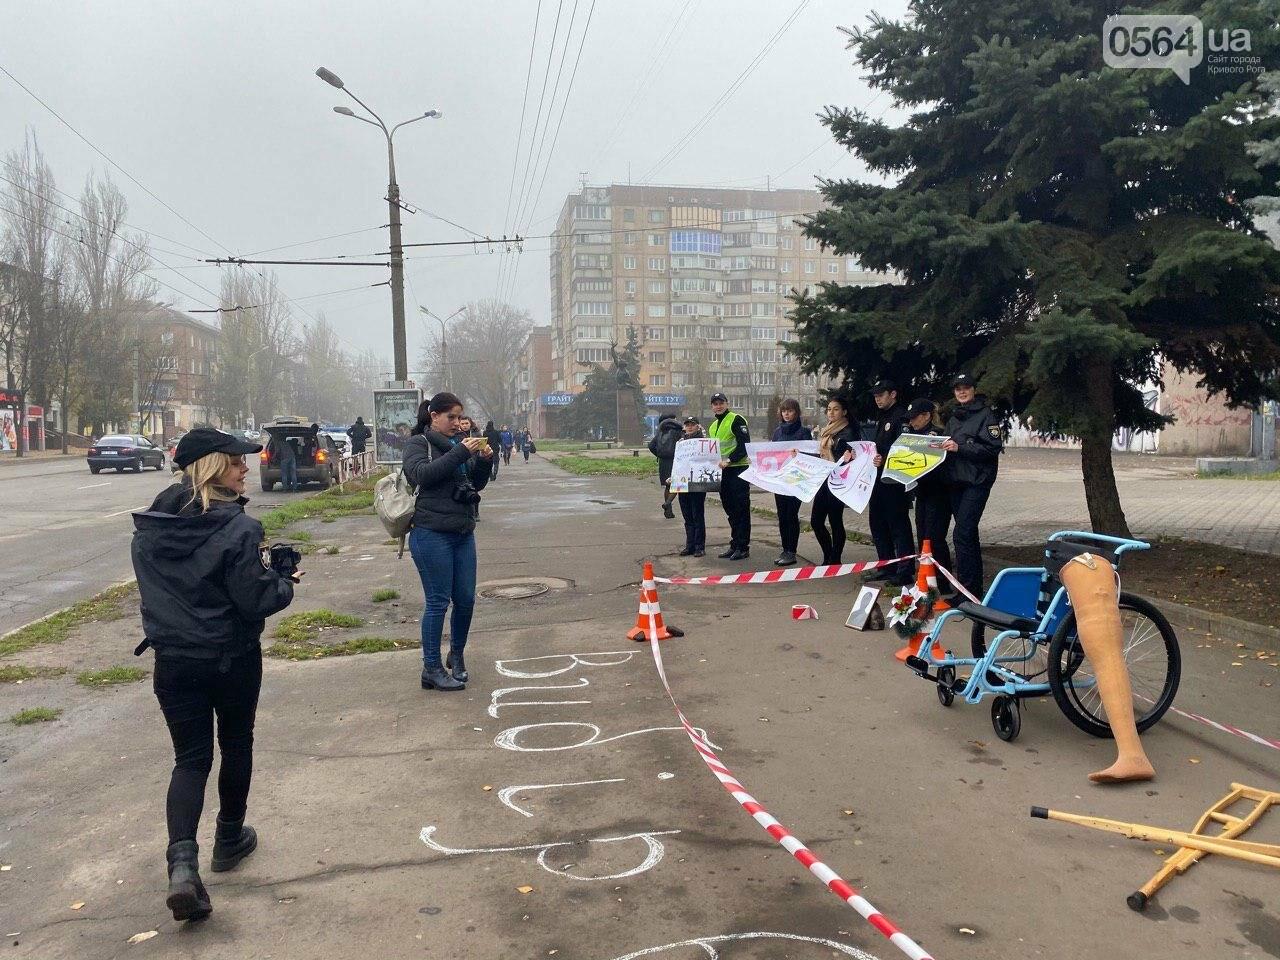 На центральном проспекте в Кривом Роге устроили молчаливый протест, - ФОТО, ВИДЕО, фото-22